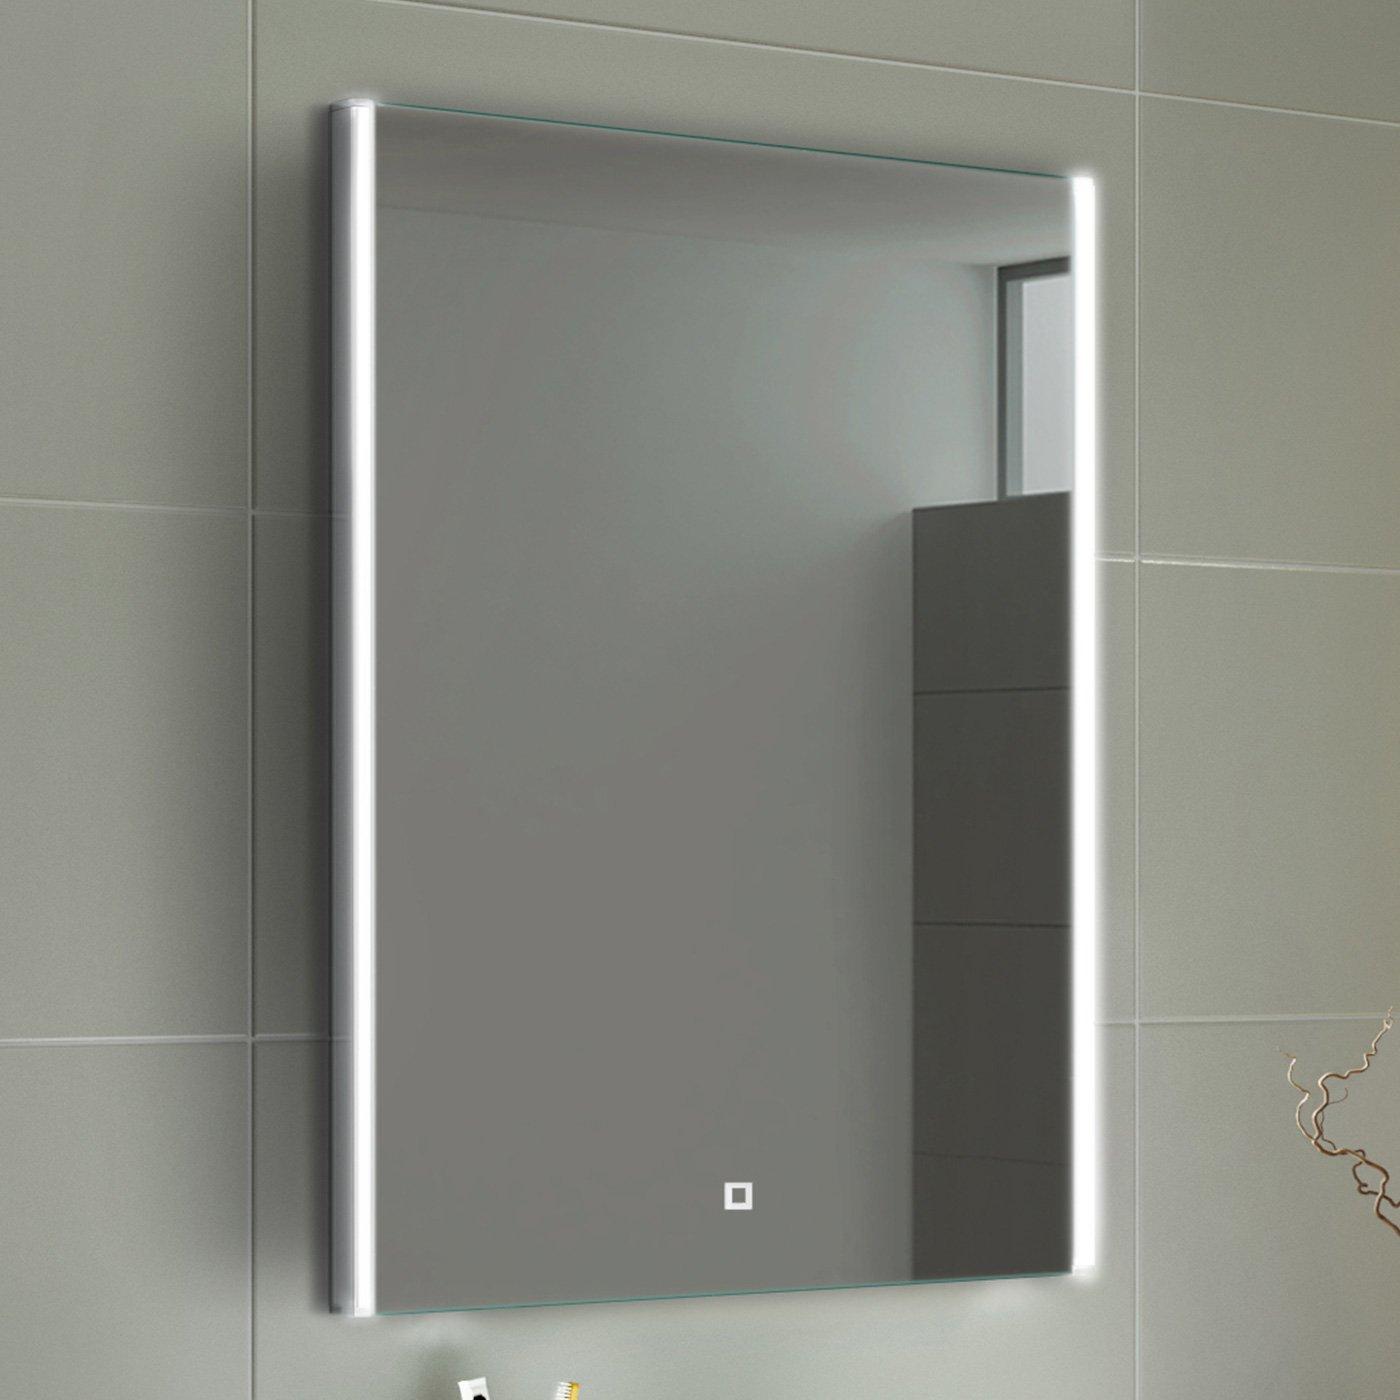 soak Specchio per Bagno con Illuminazione a LED e Sensore Tattile Luce 700 x 500 mm Design Moderno